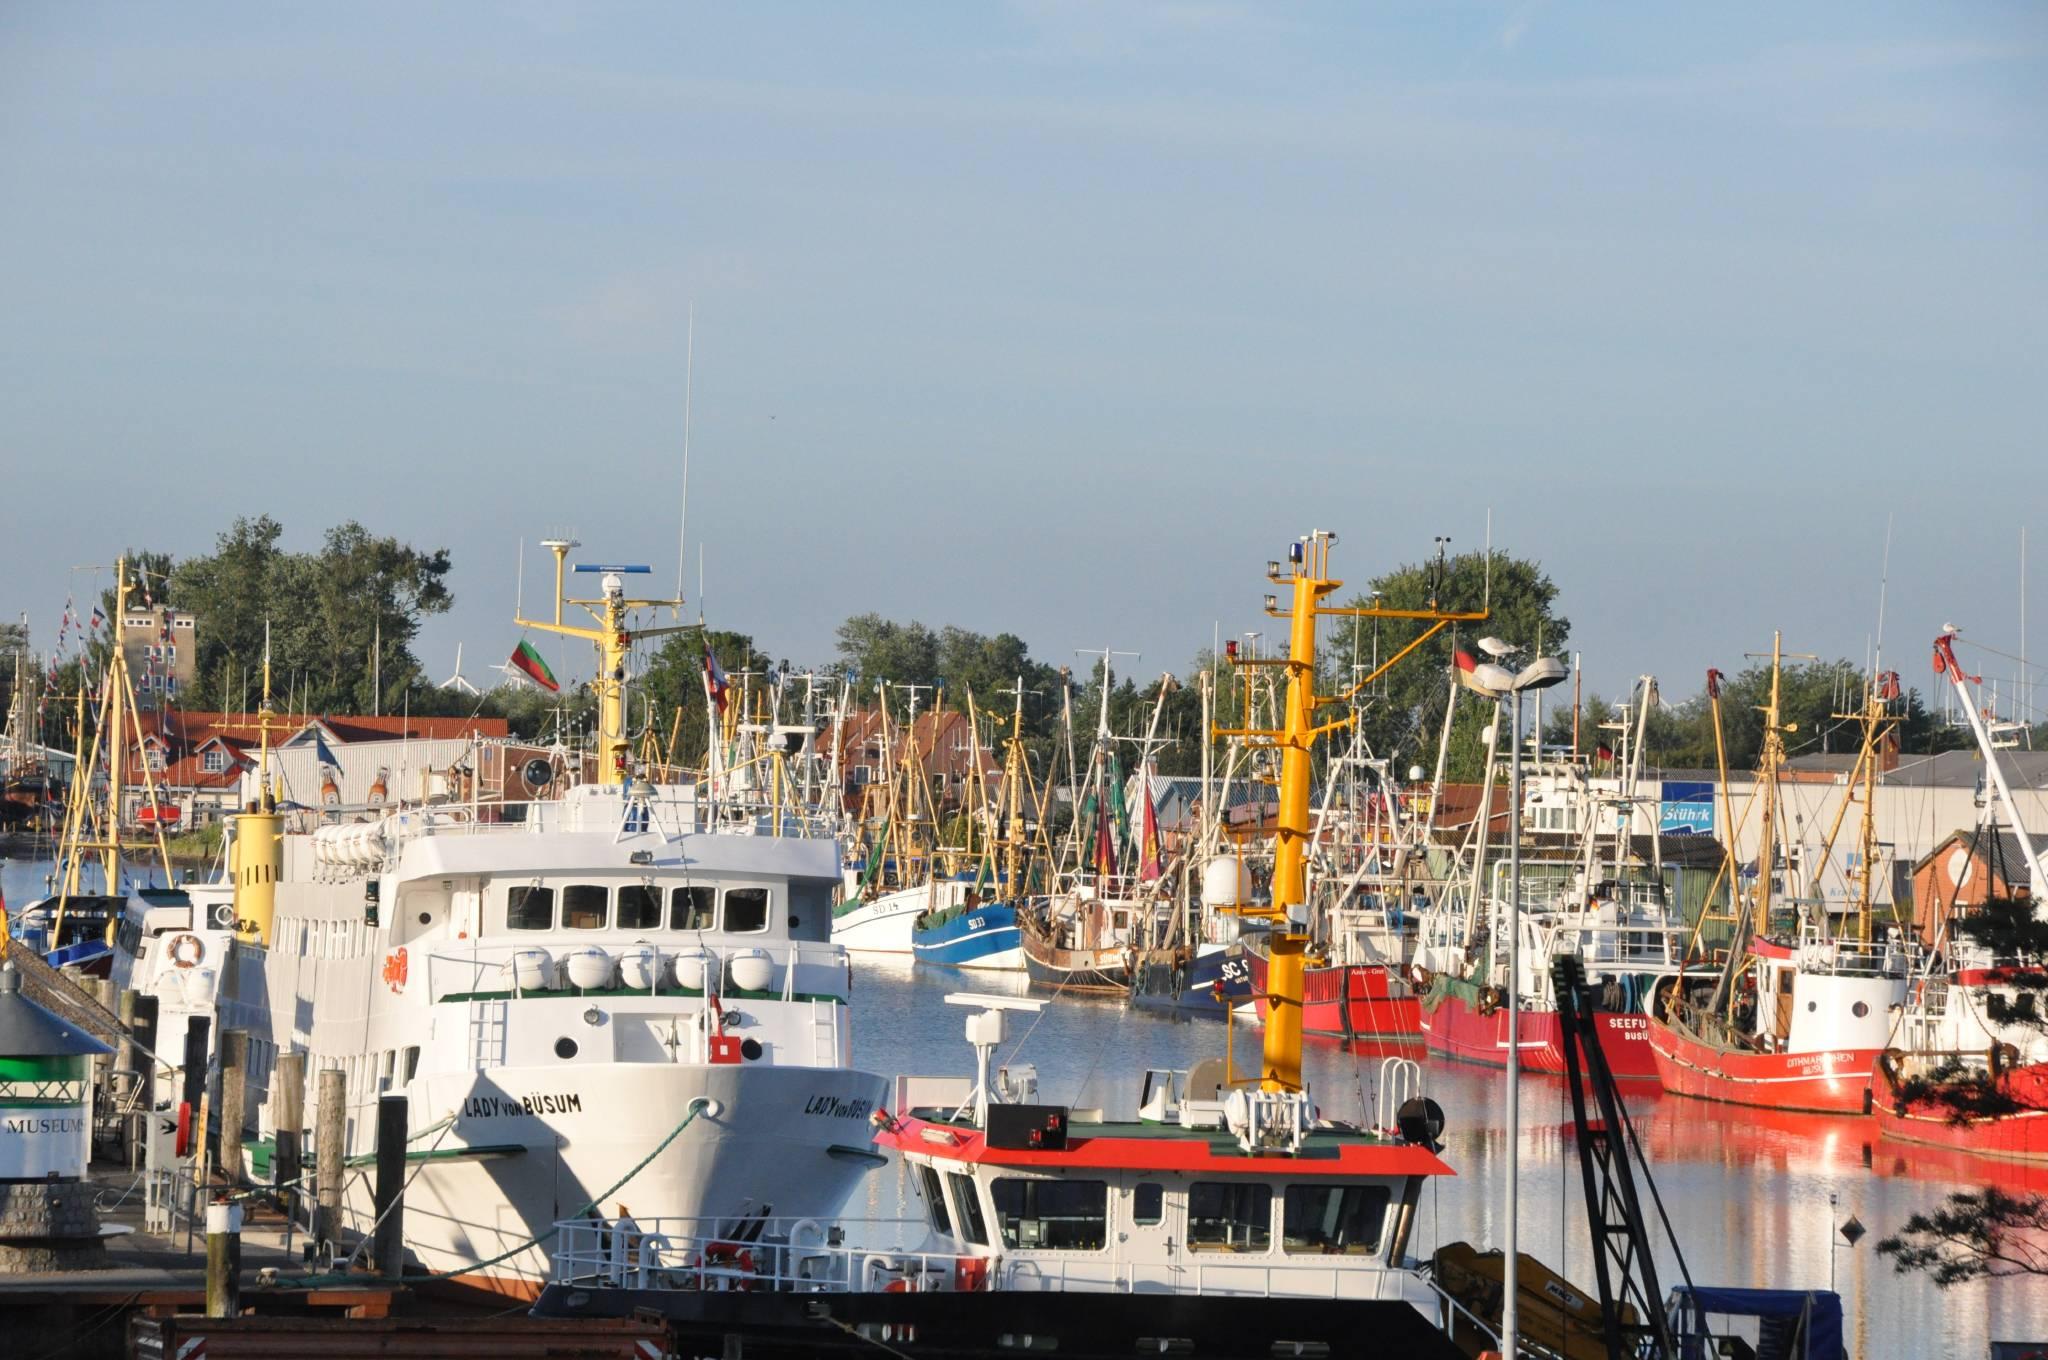 B�sumer Hafen